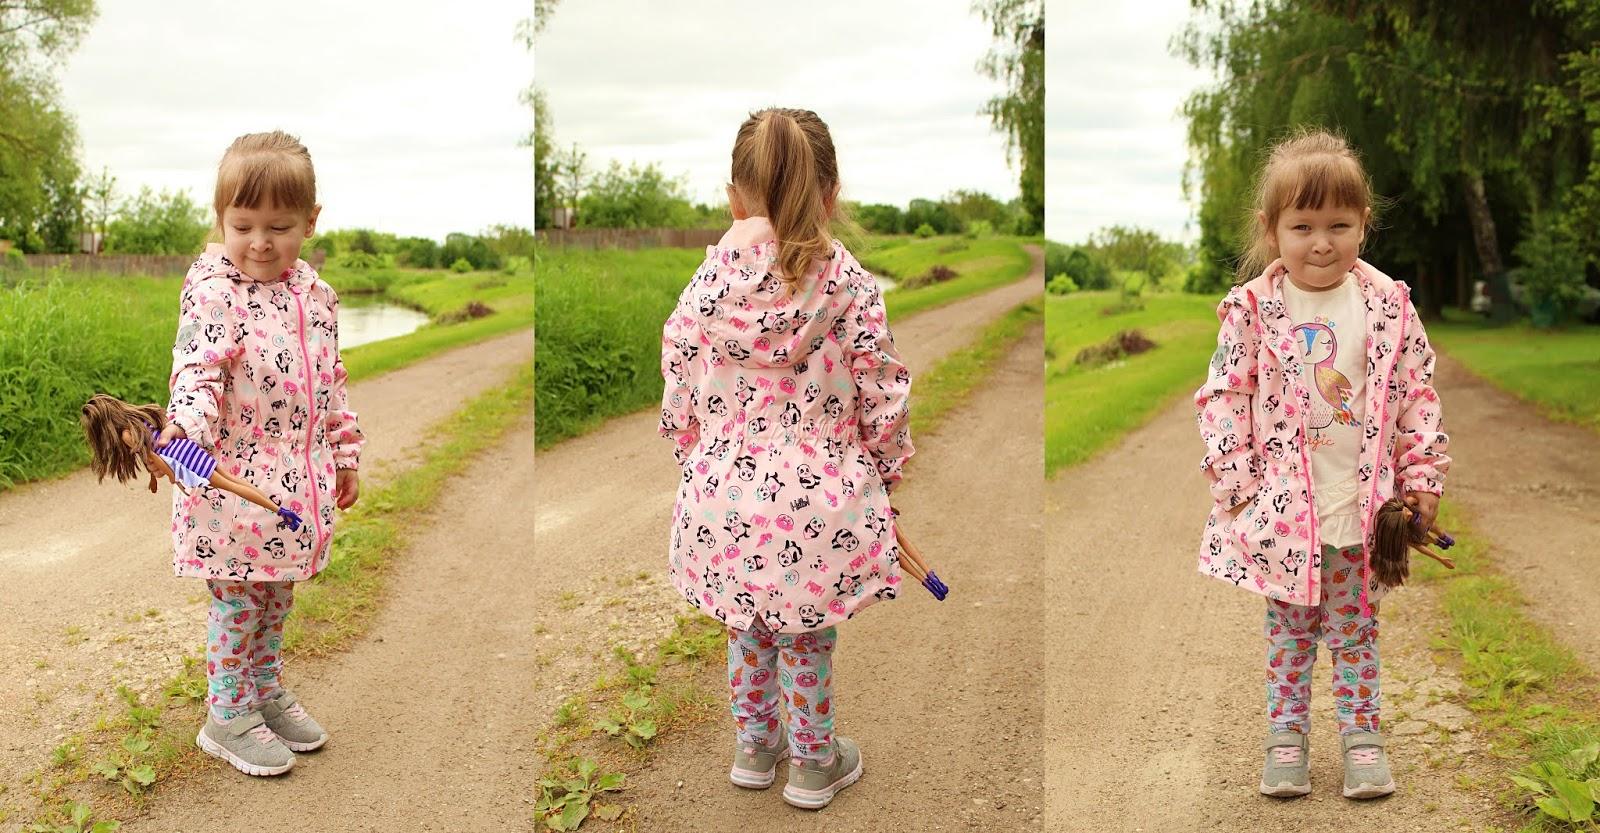 kurtka przeciwdeszczowa dla dziewczynki